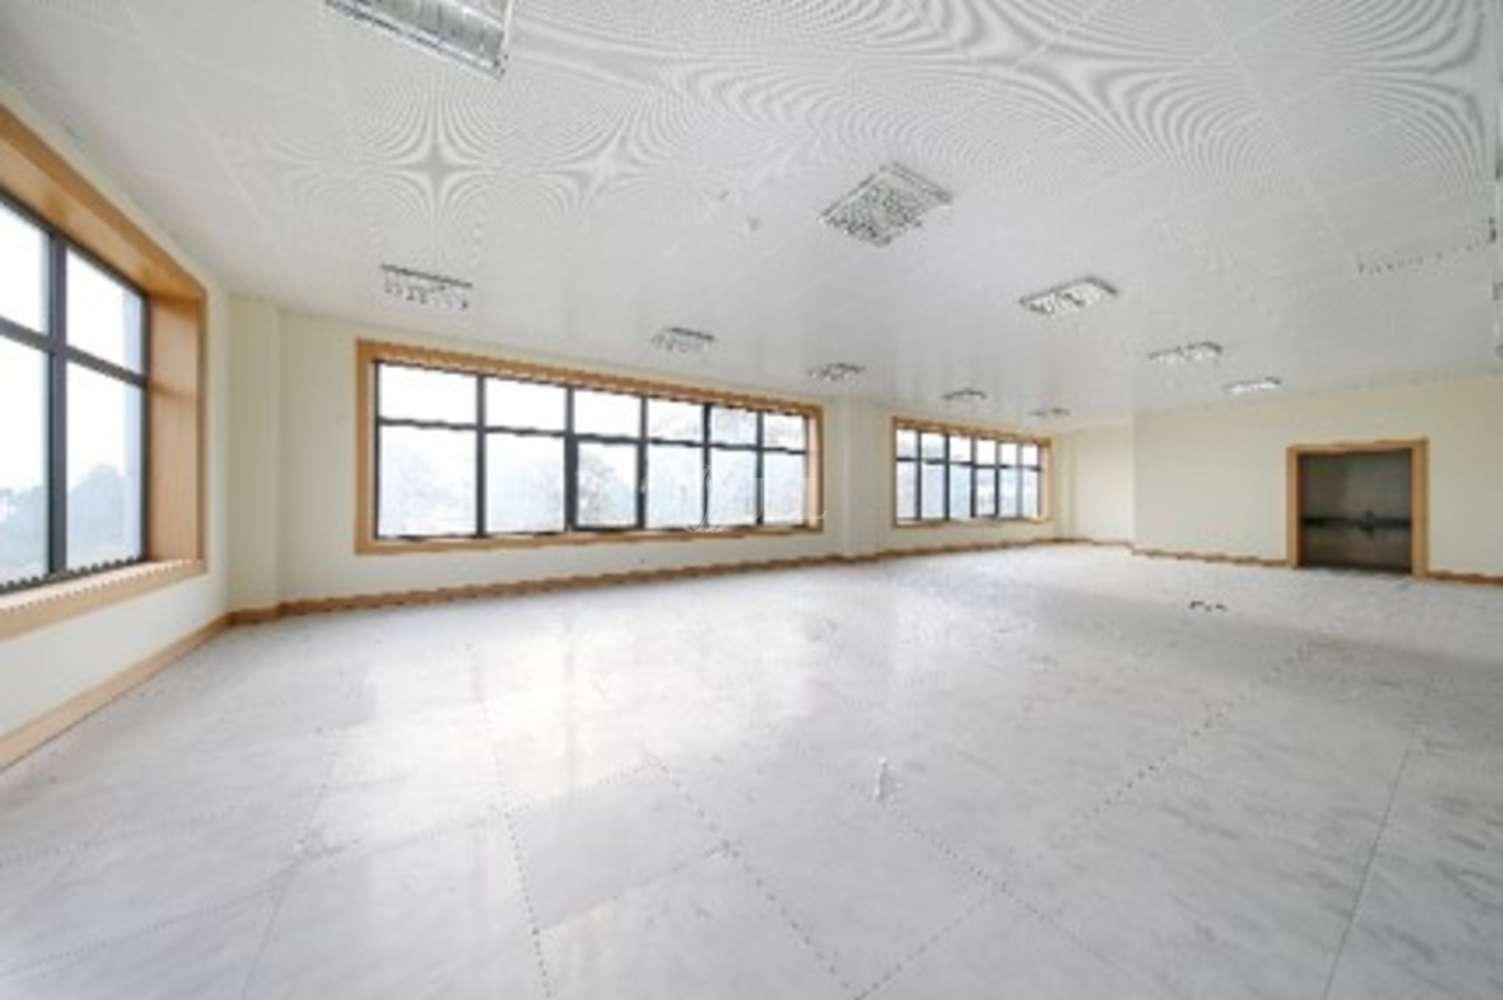 Escritórios Linho, 2710-693 - Beloura Office Park - E 13 - 134